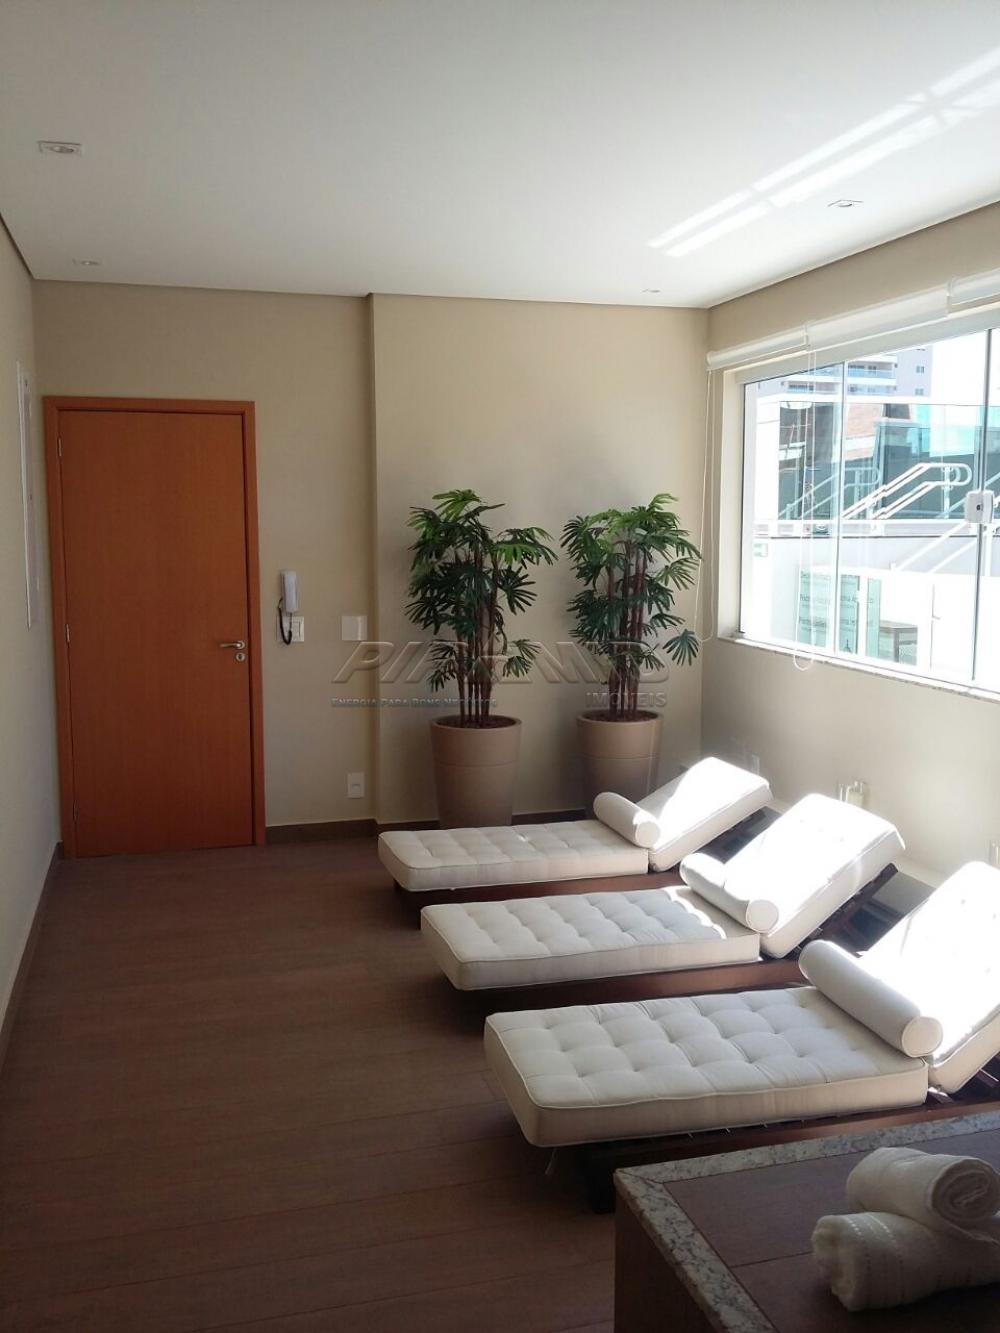 Alugar Apartamento / Padrão em Ribeirão Preto apenas R$ 3.700,00 - Foto 35